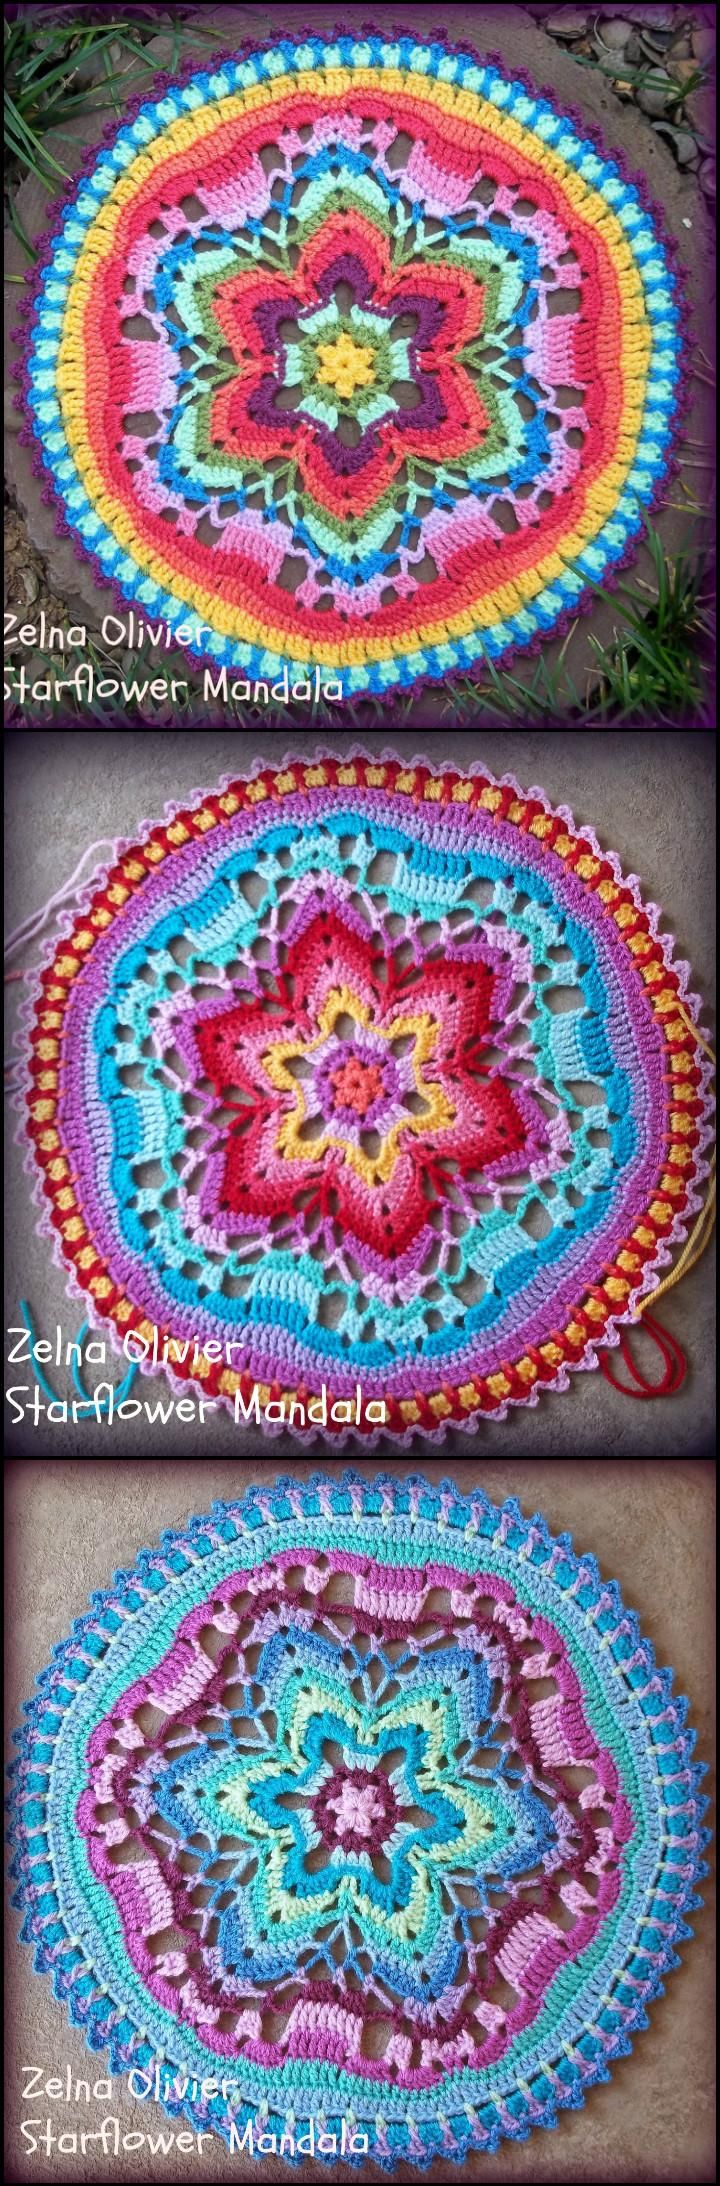 easy crochet starflower mandala